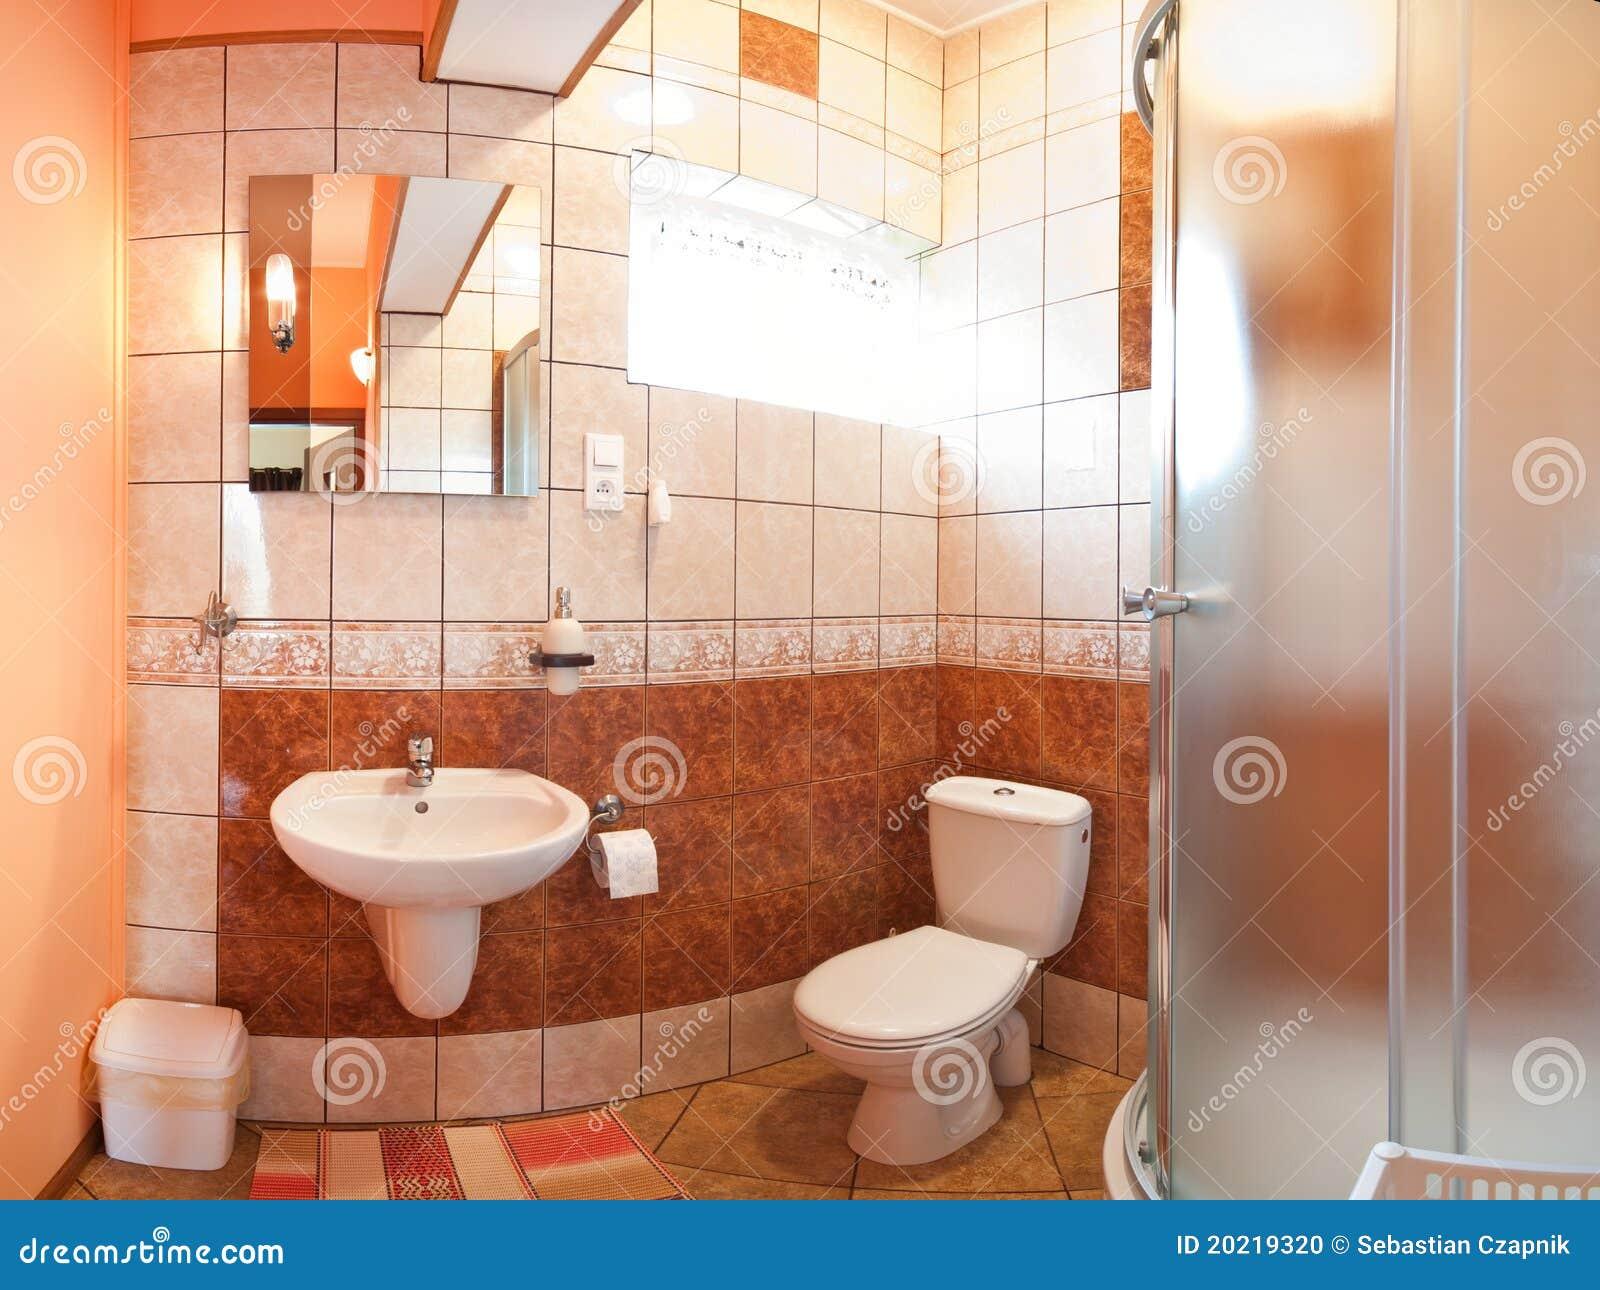 Betegelde badkamers stock foto beeld 20219320 - Betegelde ensuite marmeren badkamers ...